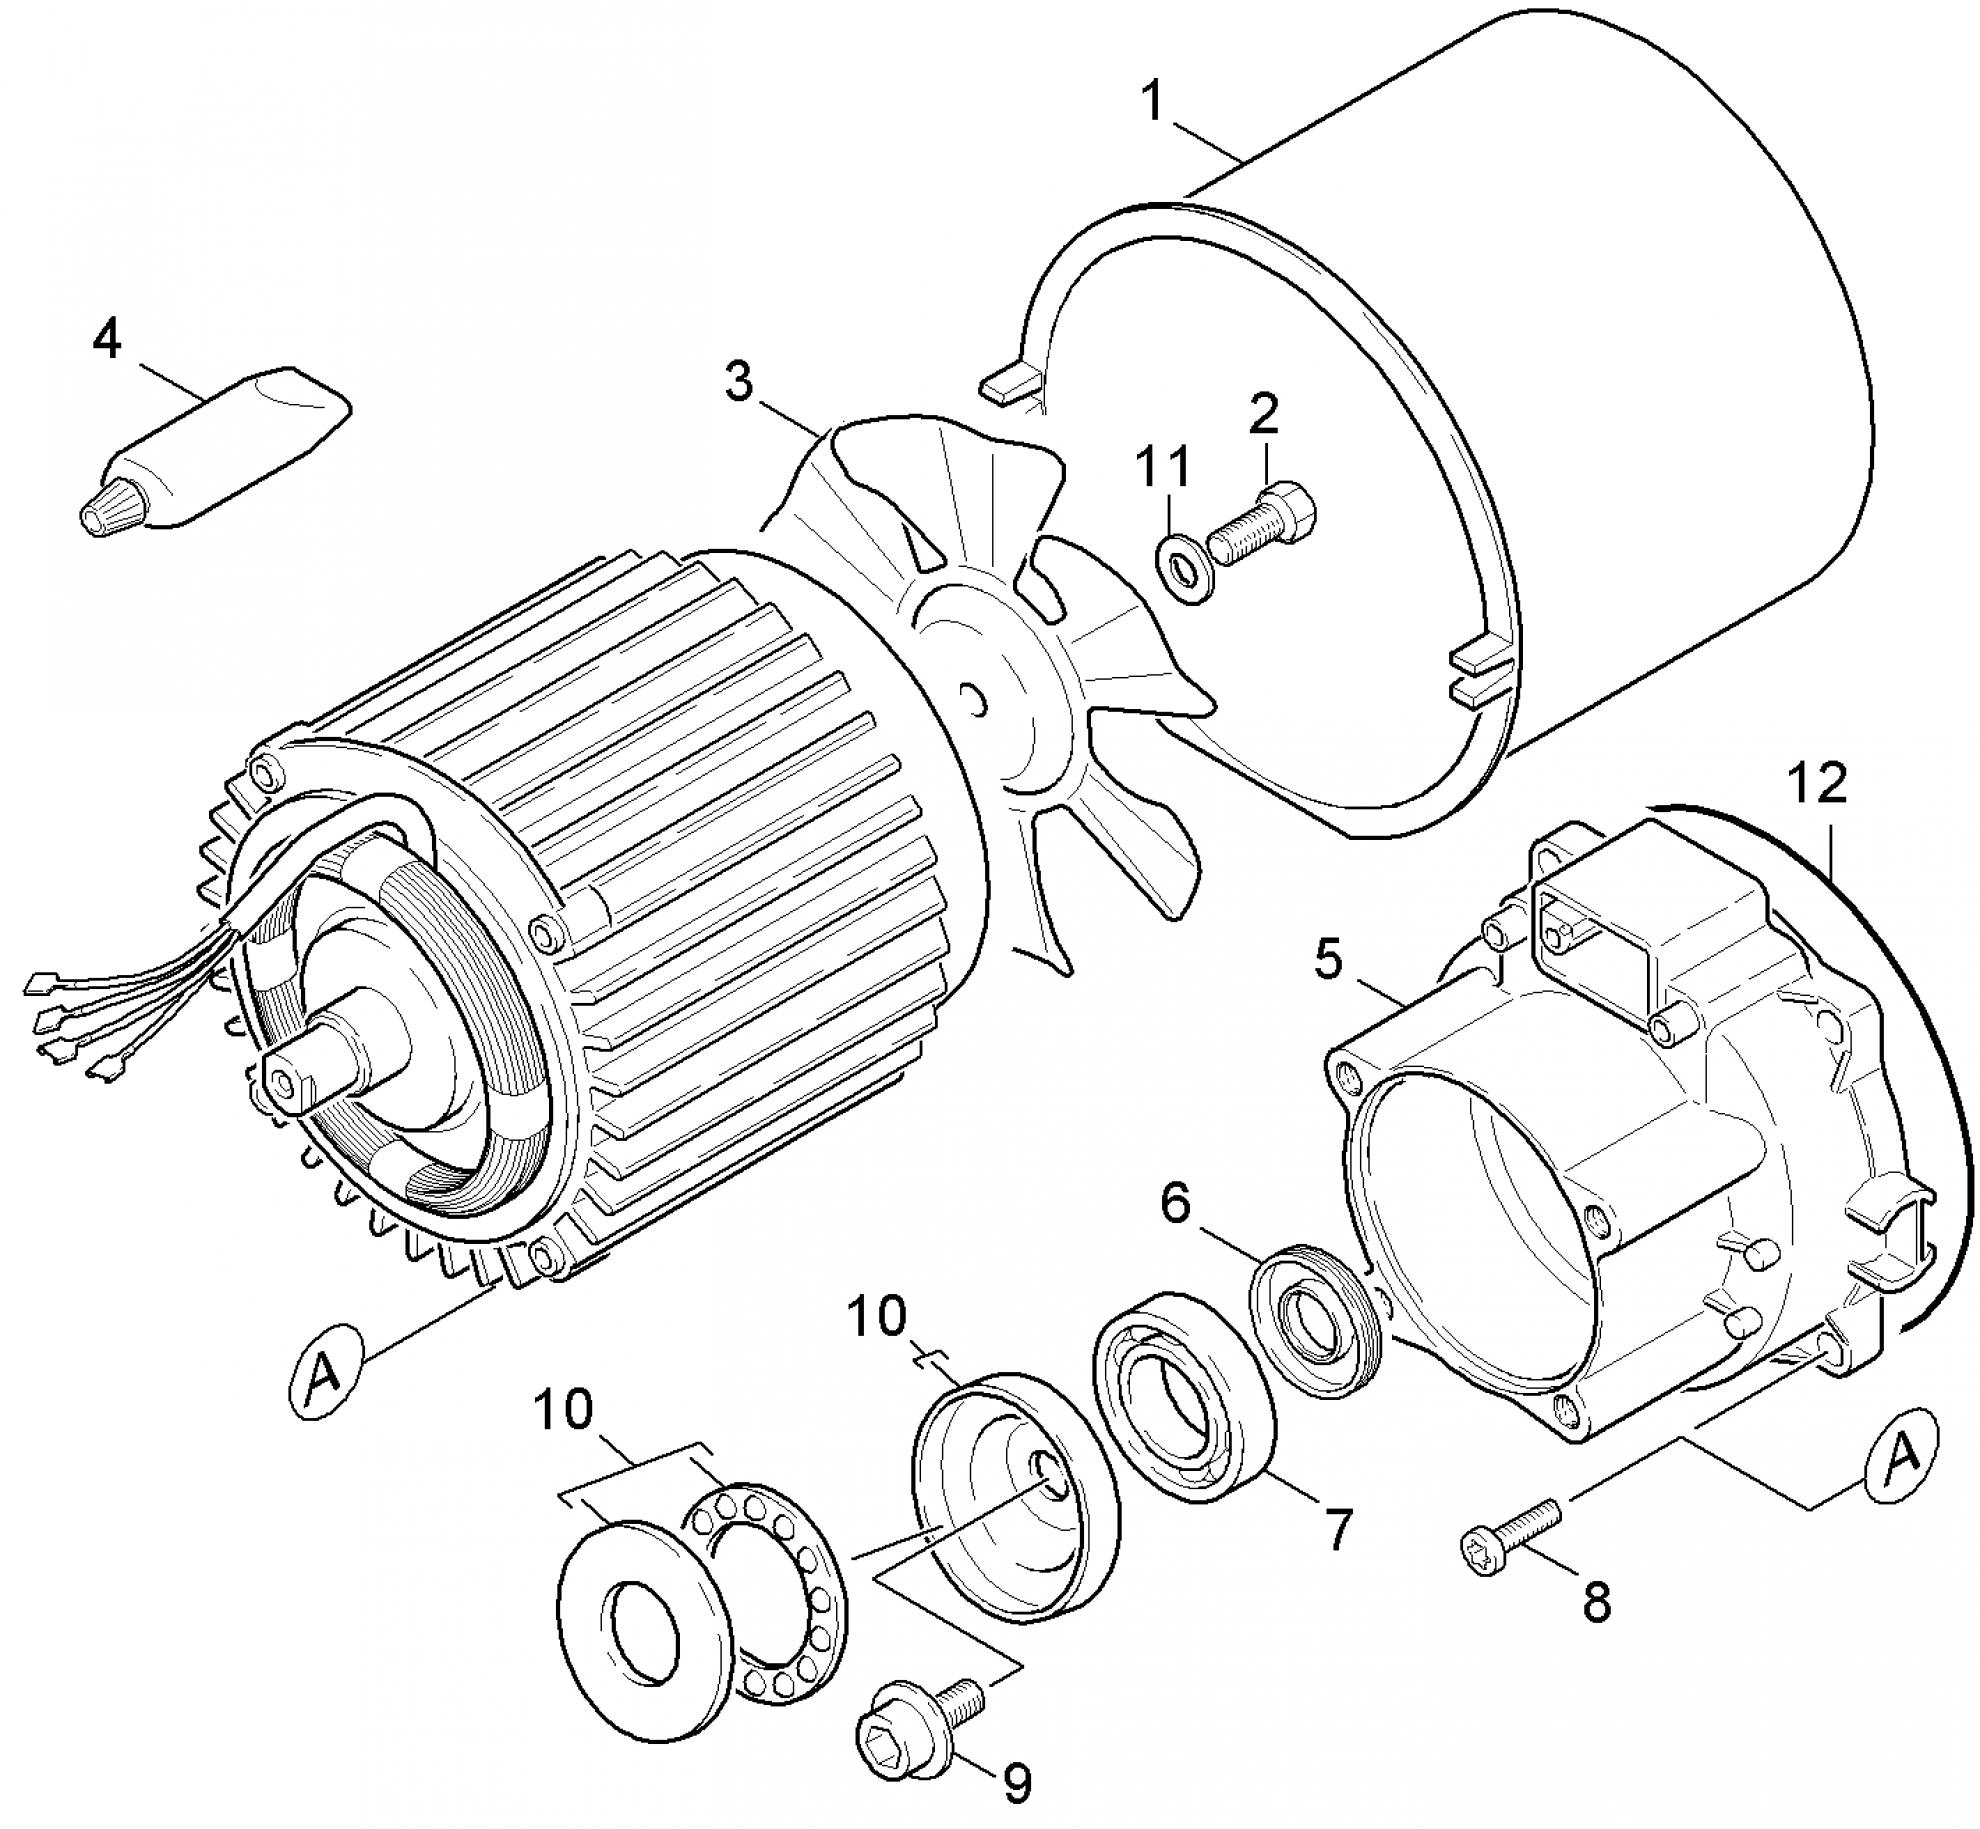 Pi ces d tach es nettoyeur haute pression karcher k 4 - Karcher pieces detachees nettoyeur haute pression ...